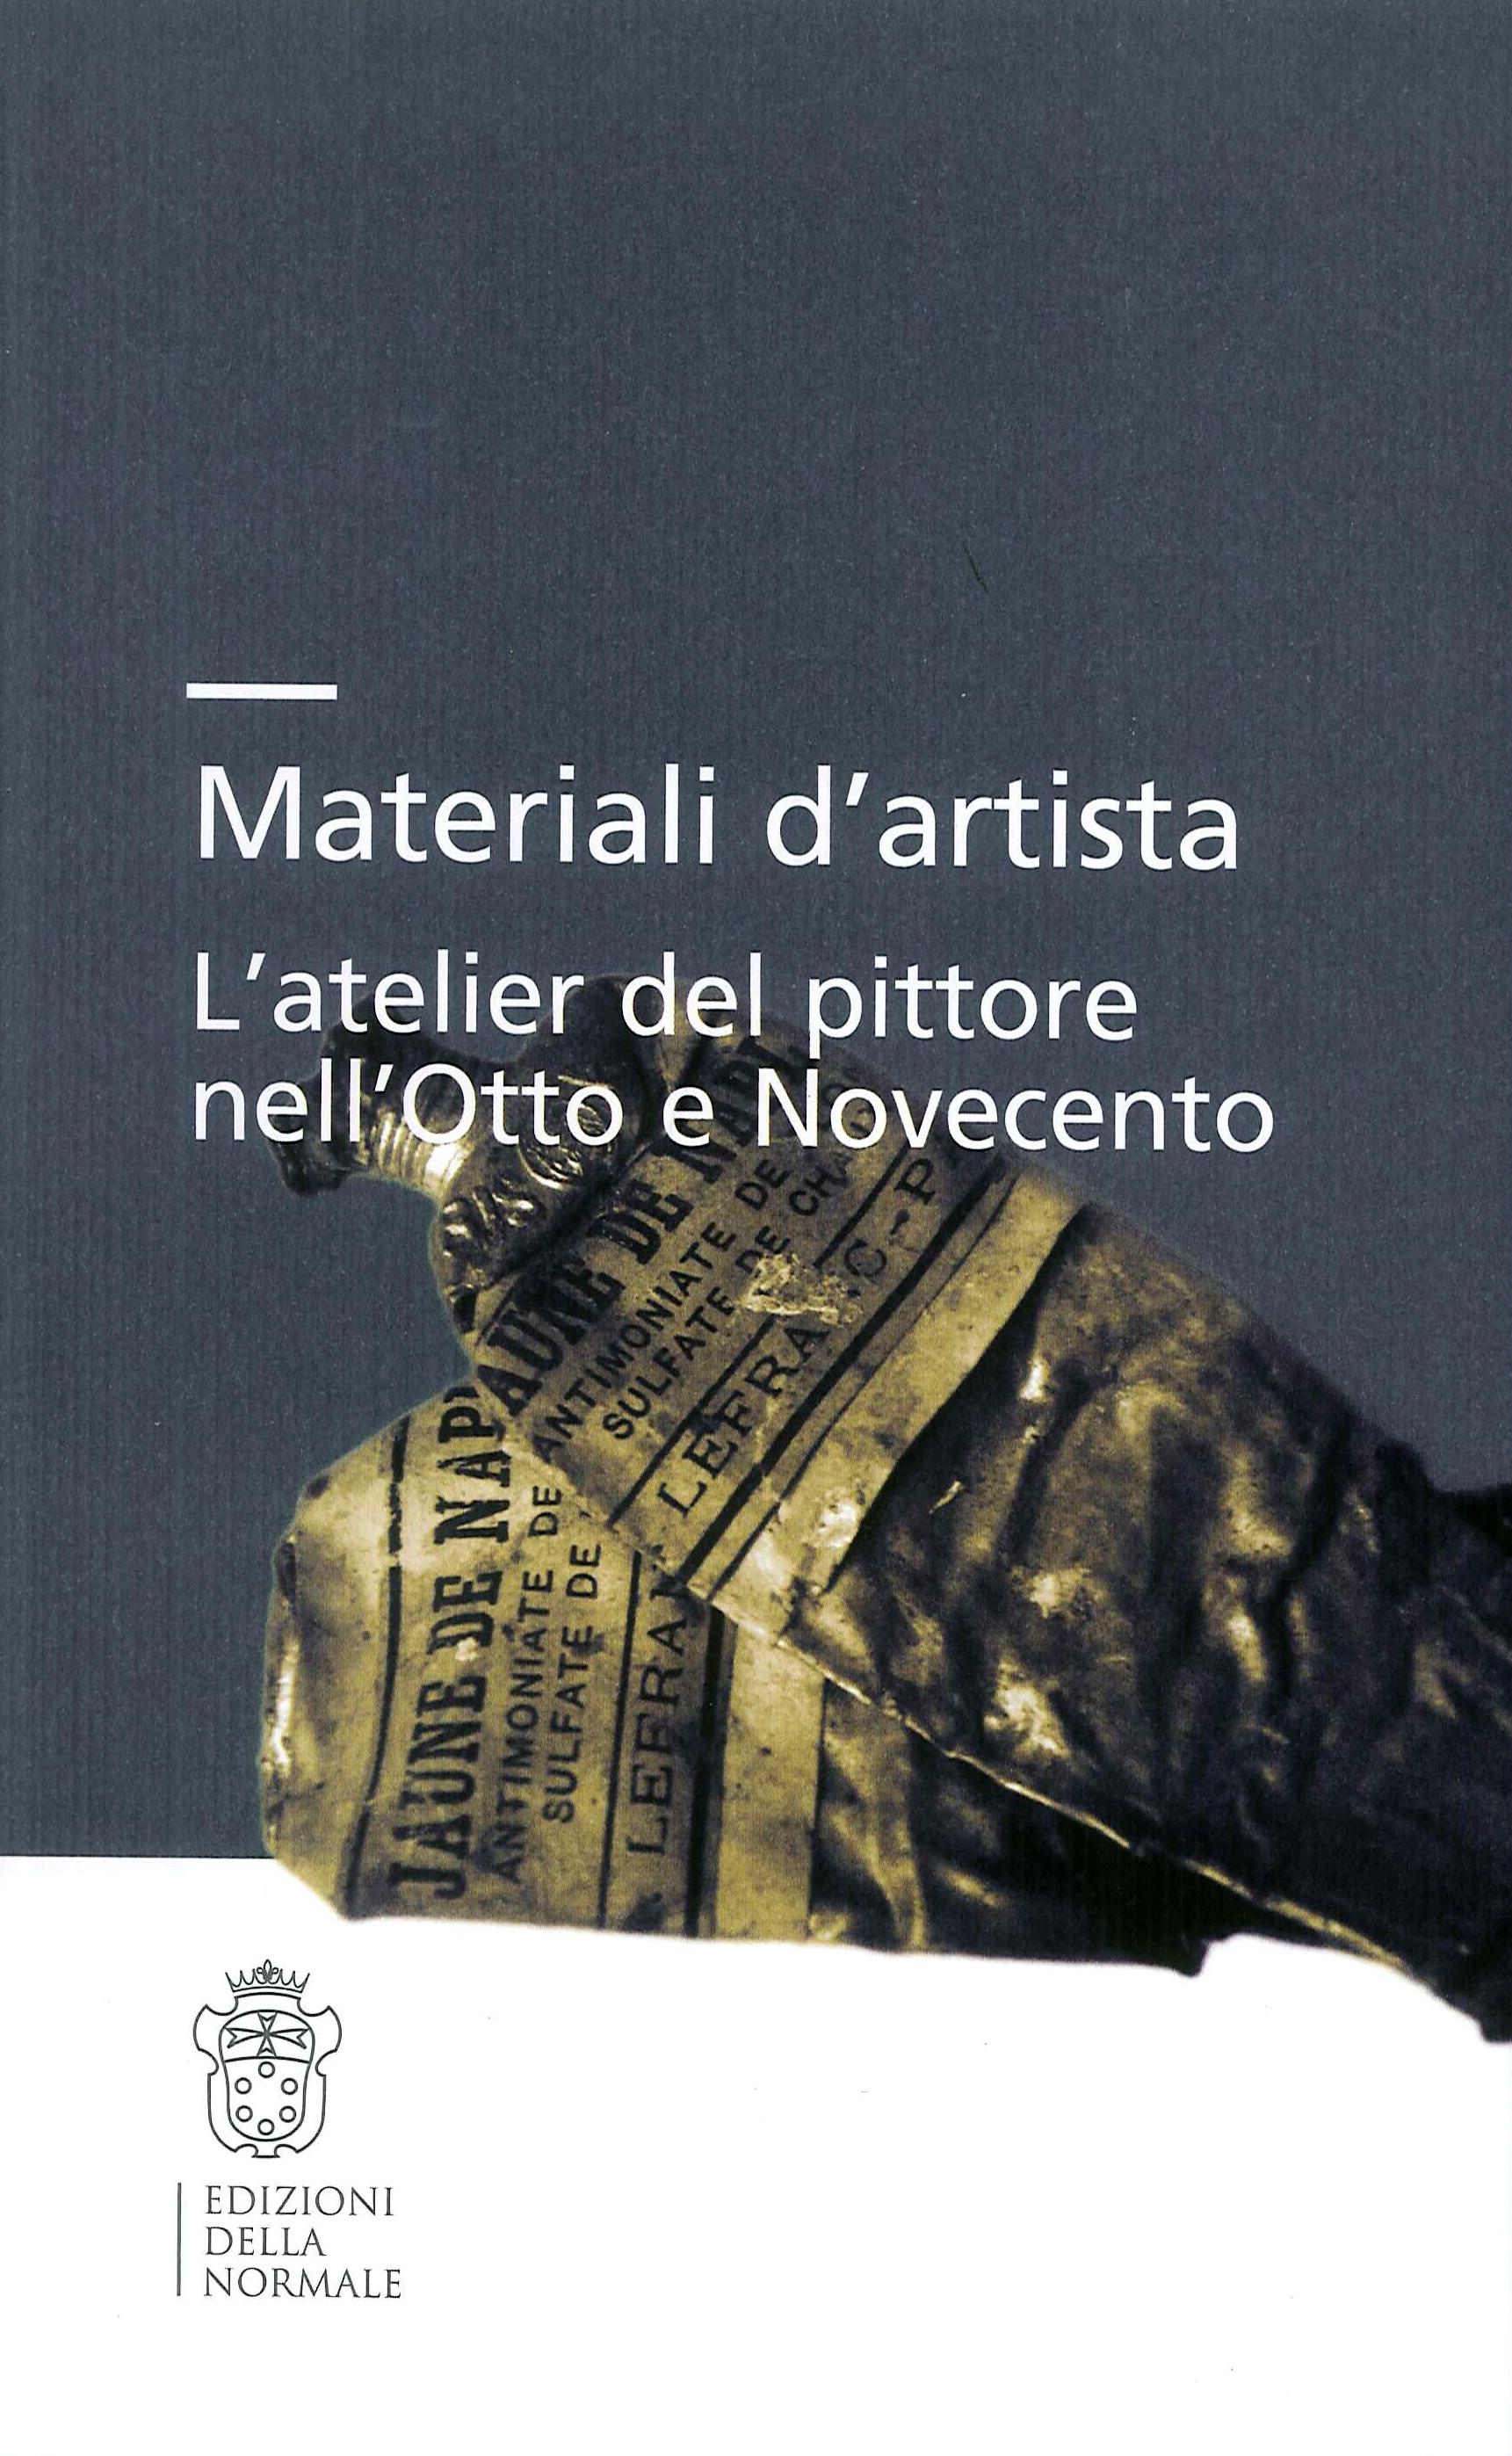 Materiali d'artista. L'atelier del pittore tra Ottocento e Novecento